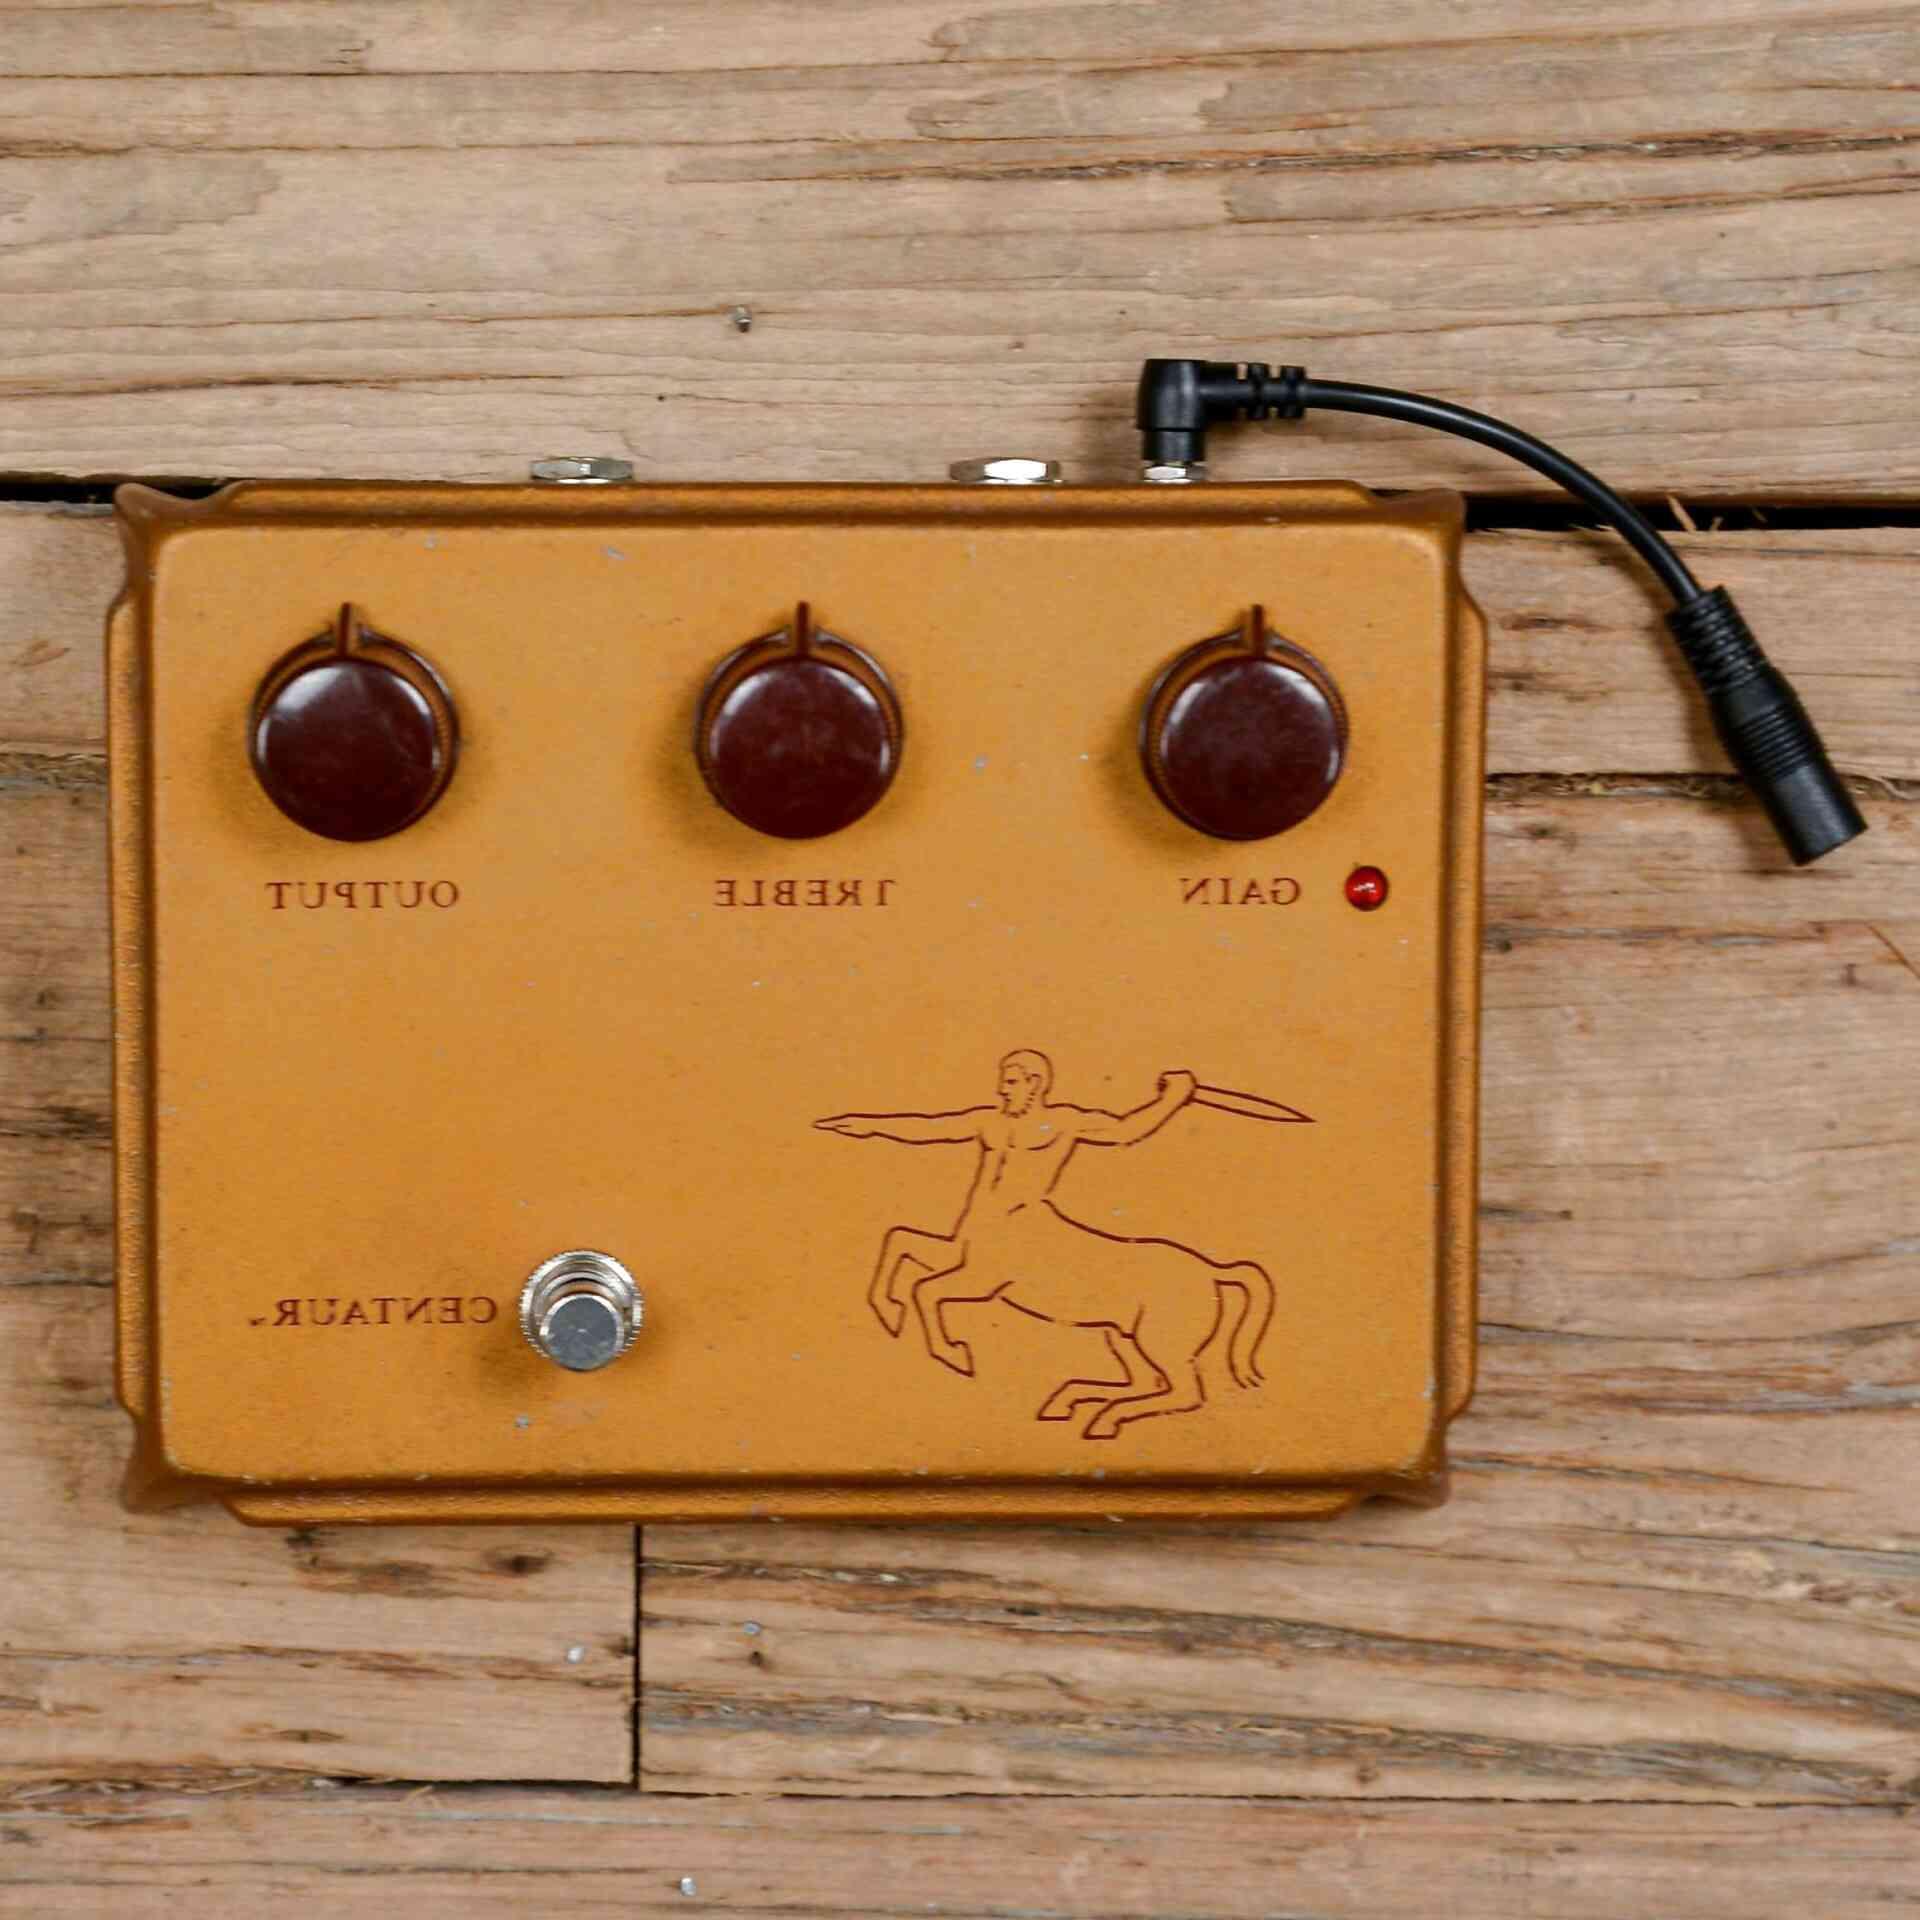 klon pedal for sale